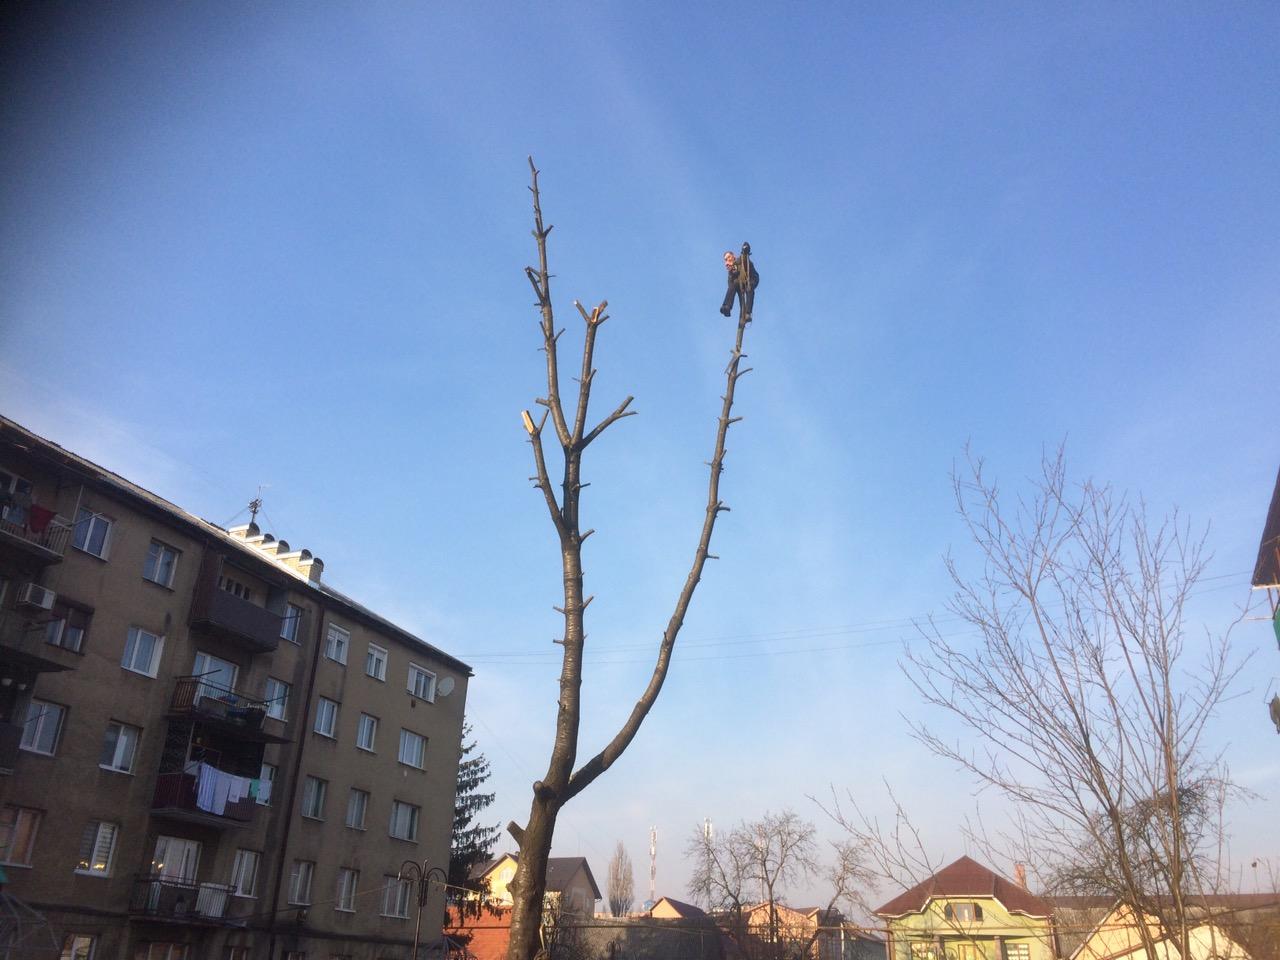 Тячівські рятувальники допомогли місцевому мешканцю спуститися з 15-метрового дерева